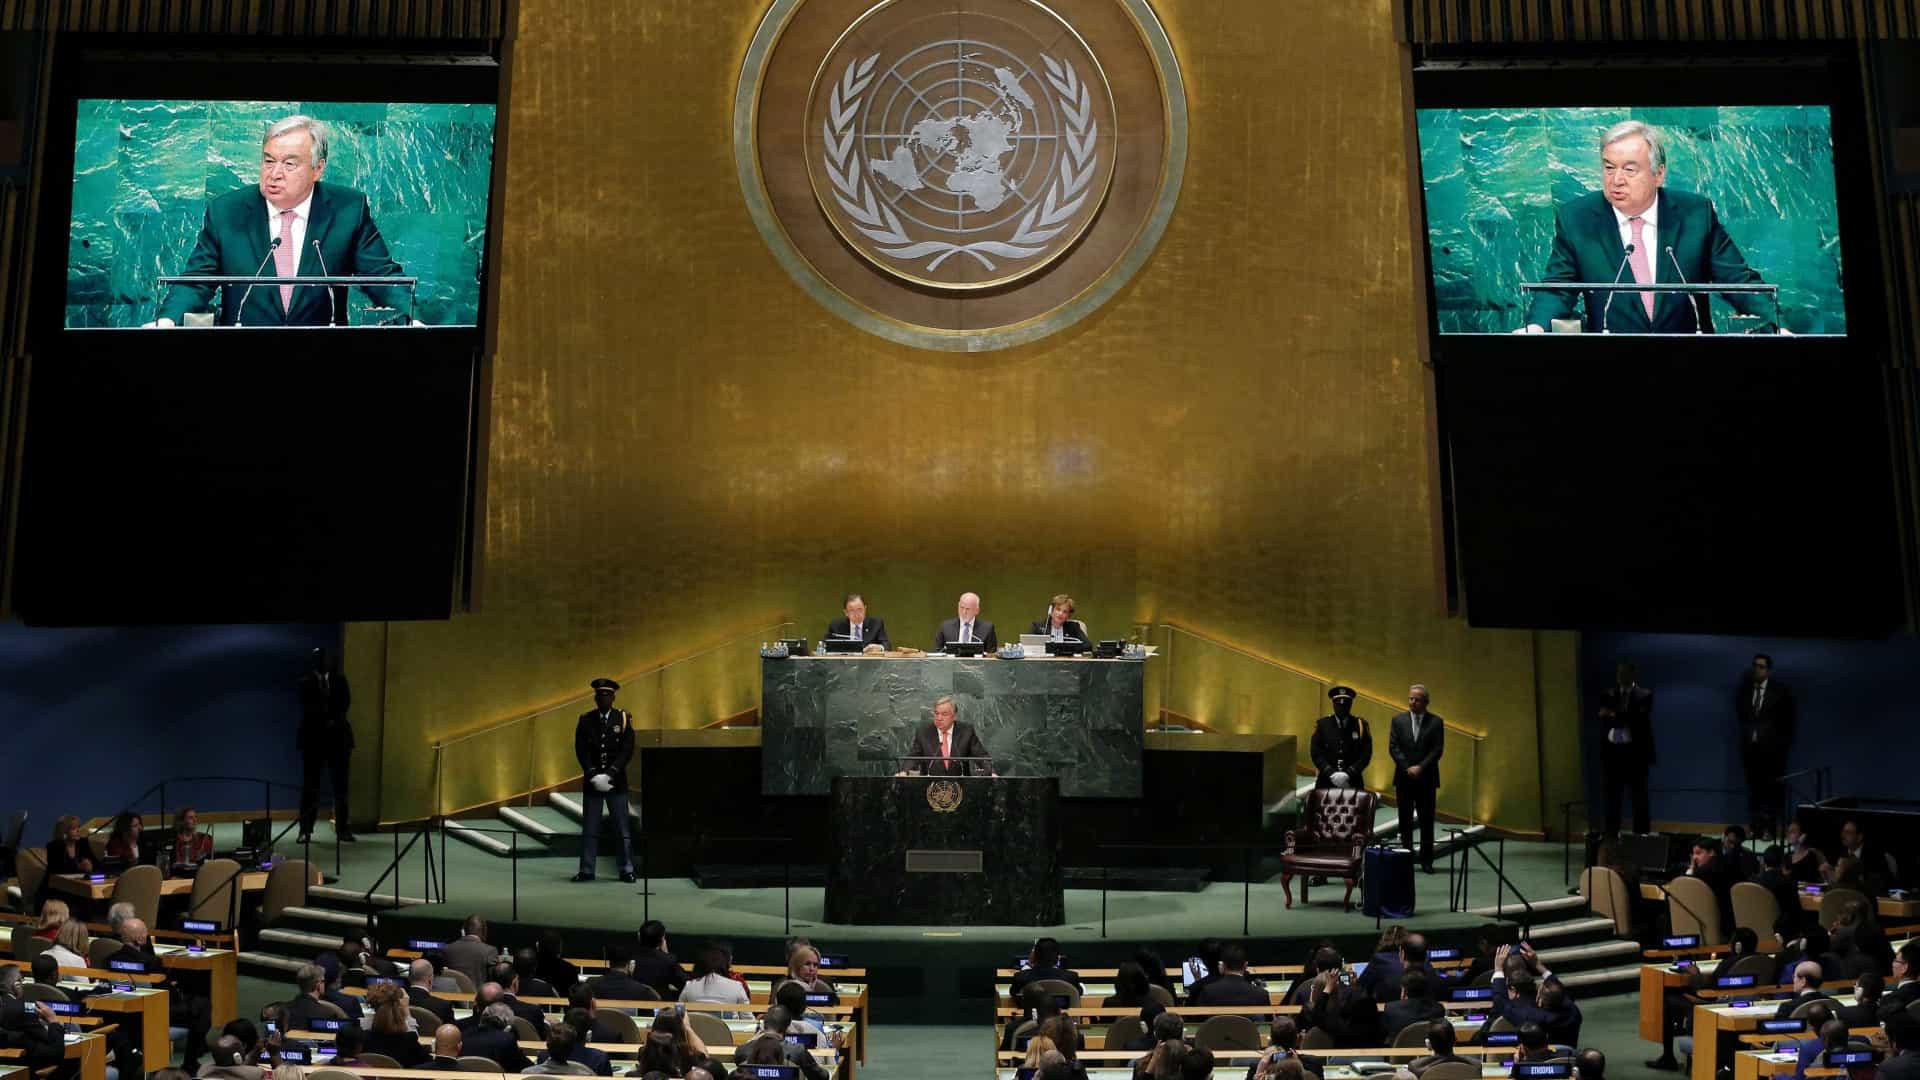 Participantes na AG da ONU terão de apresentar certificado de vacinação